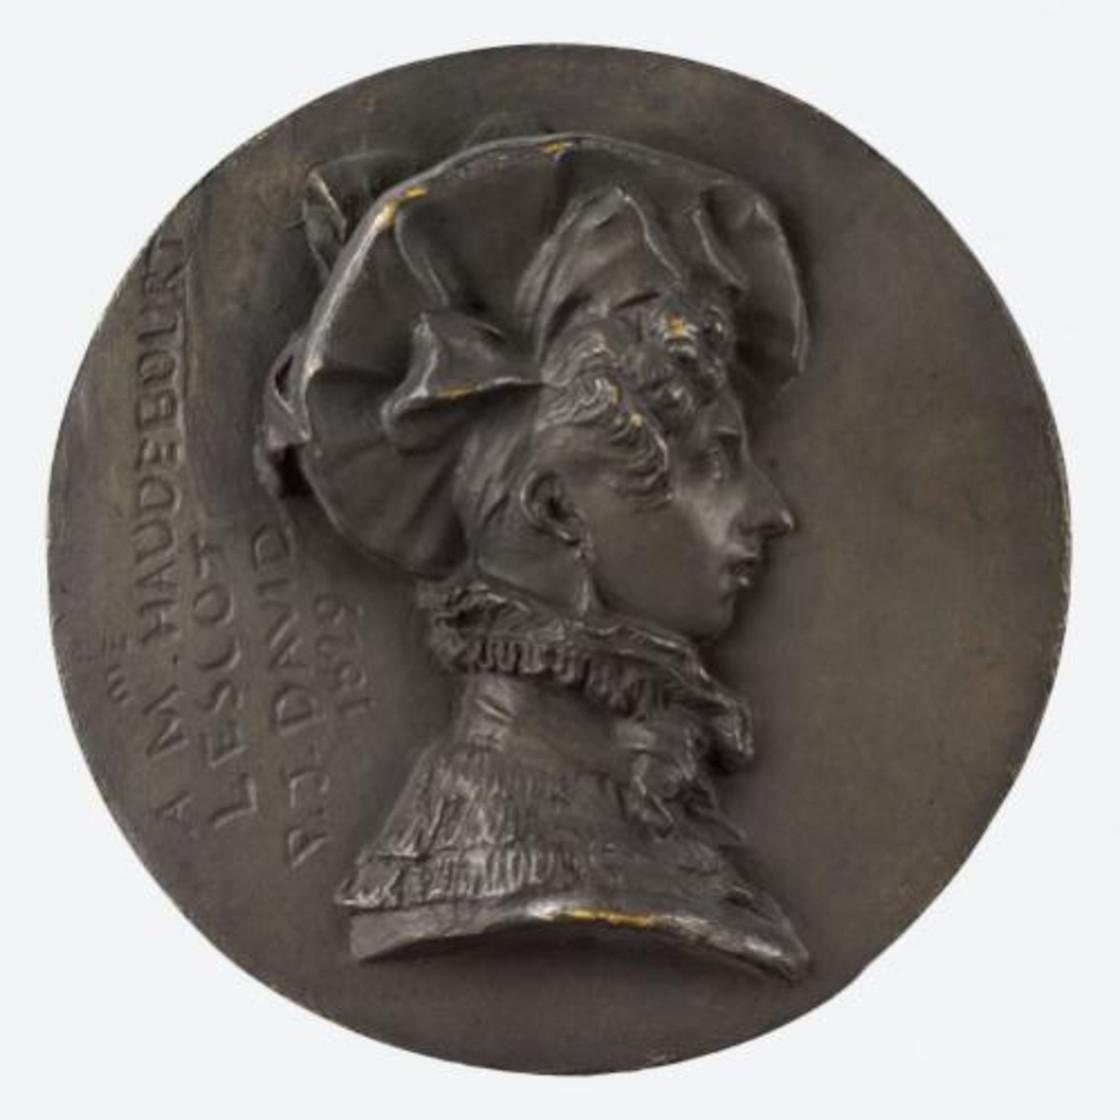 Hortense Haudebourt Lescot